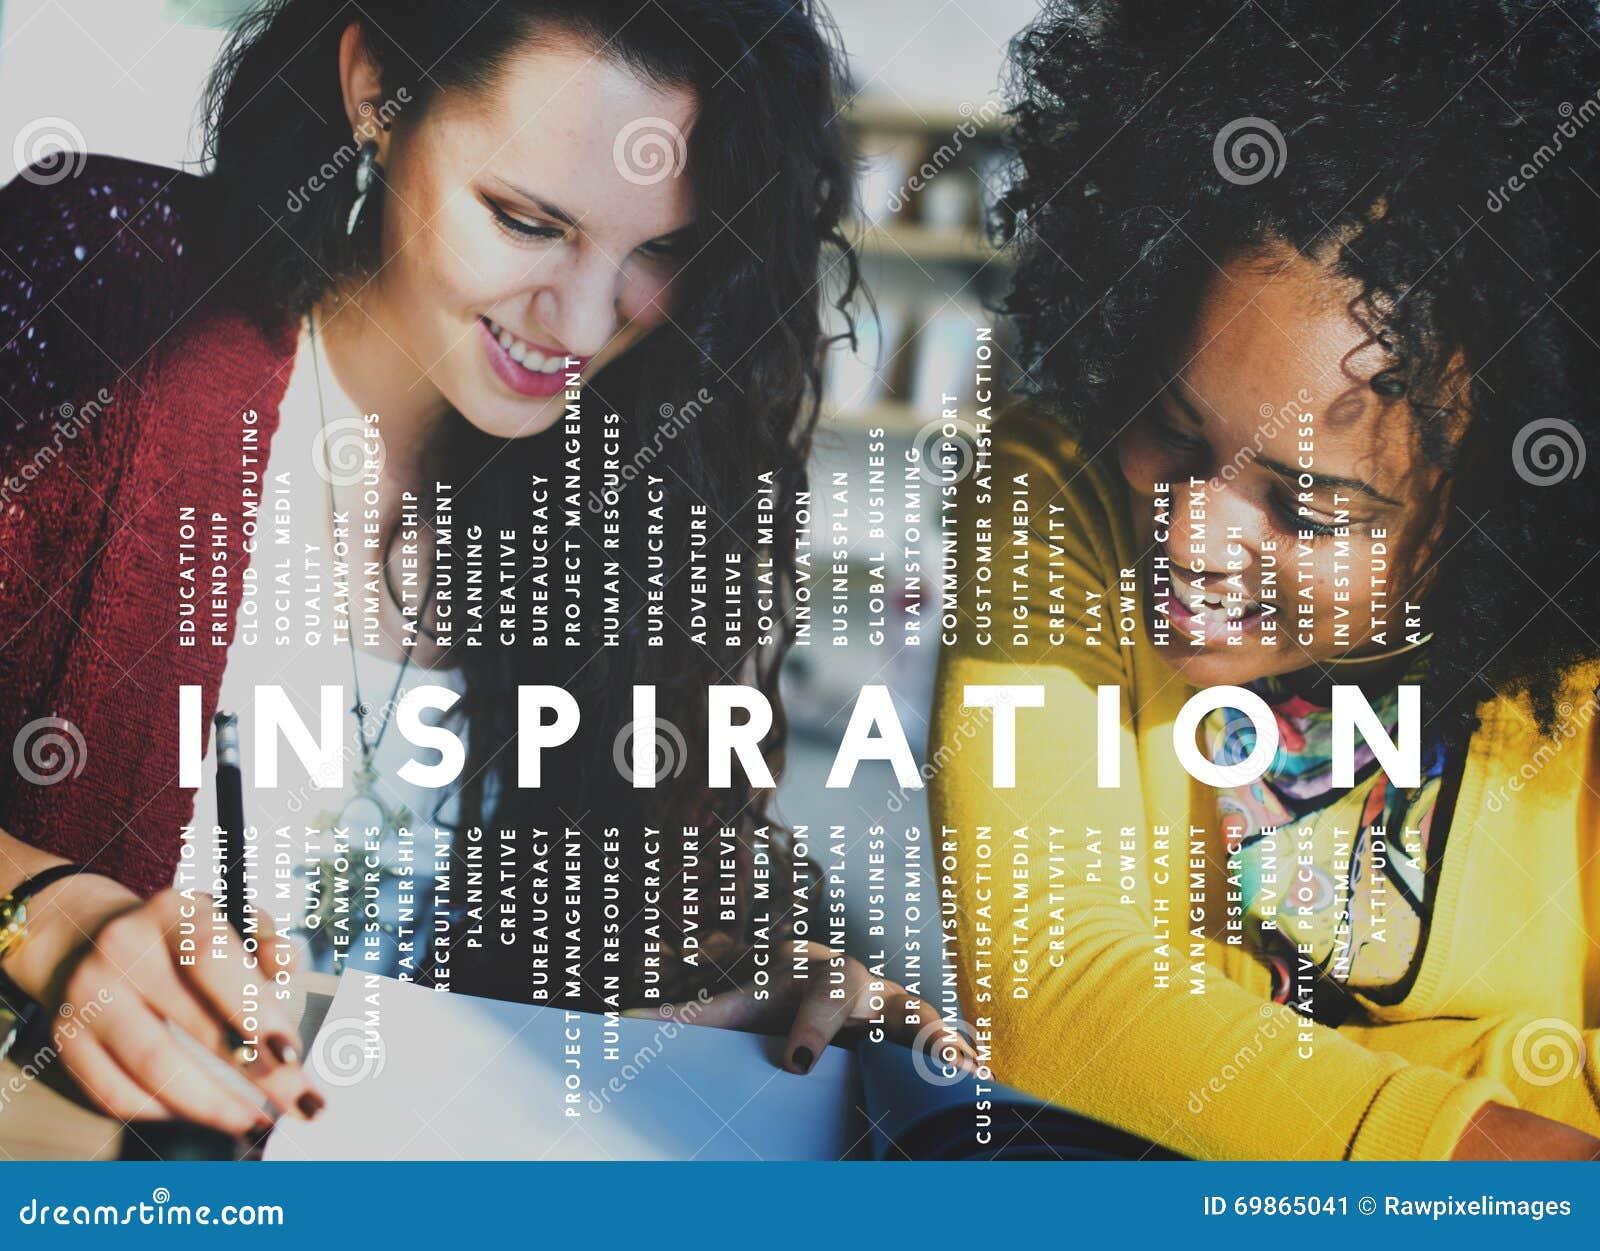 Inspirationambitionfantasi inspirerar dröm- begrepp